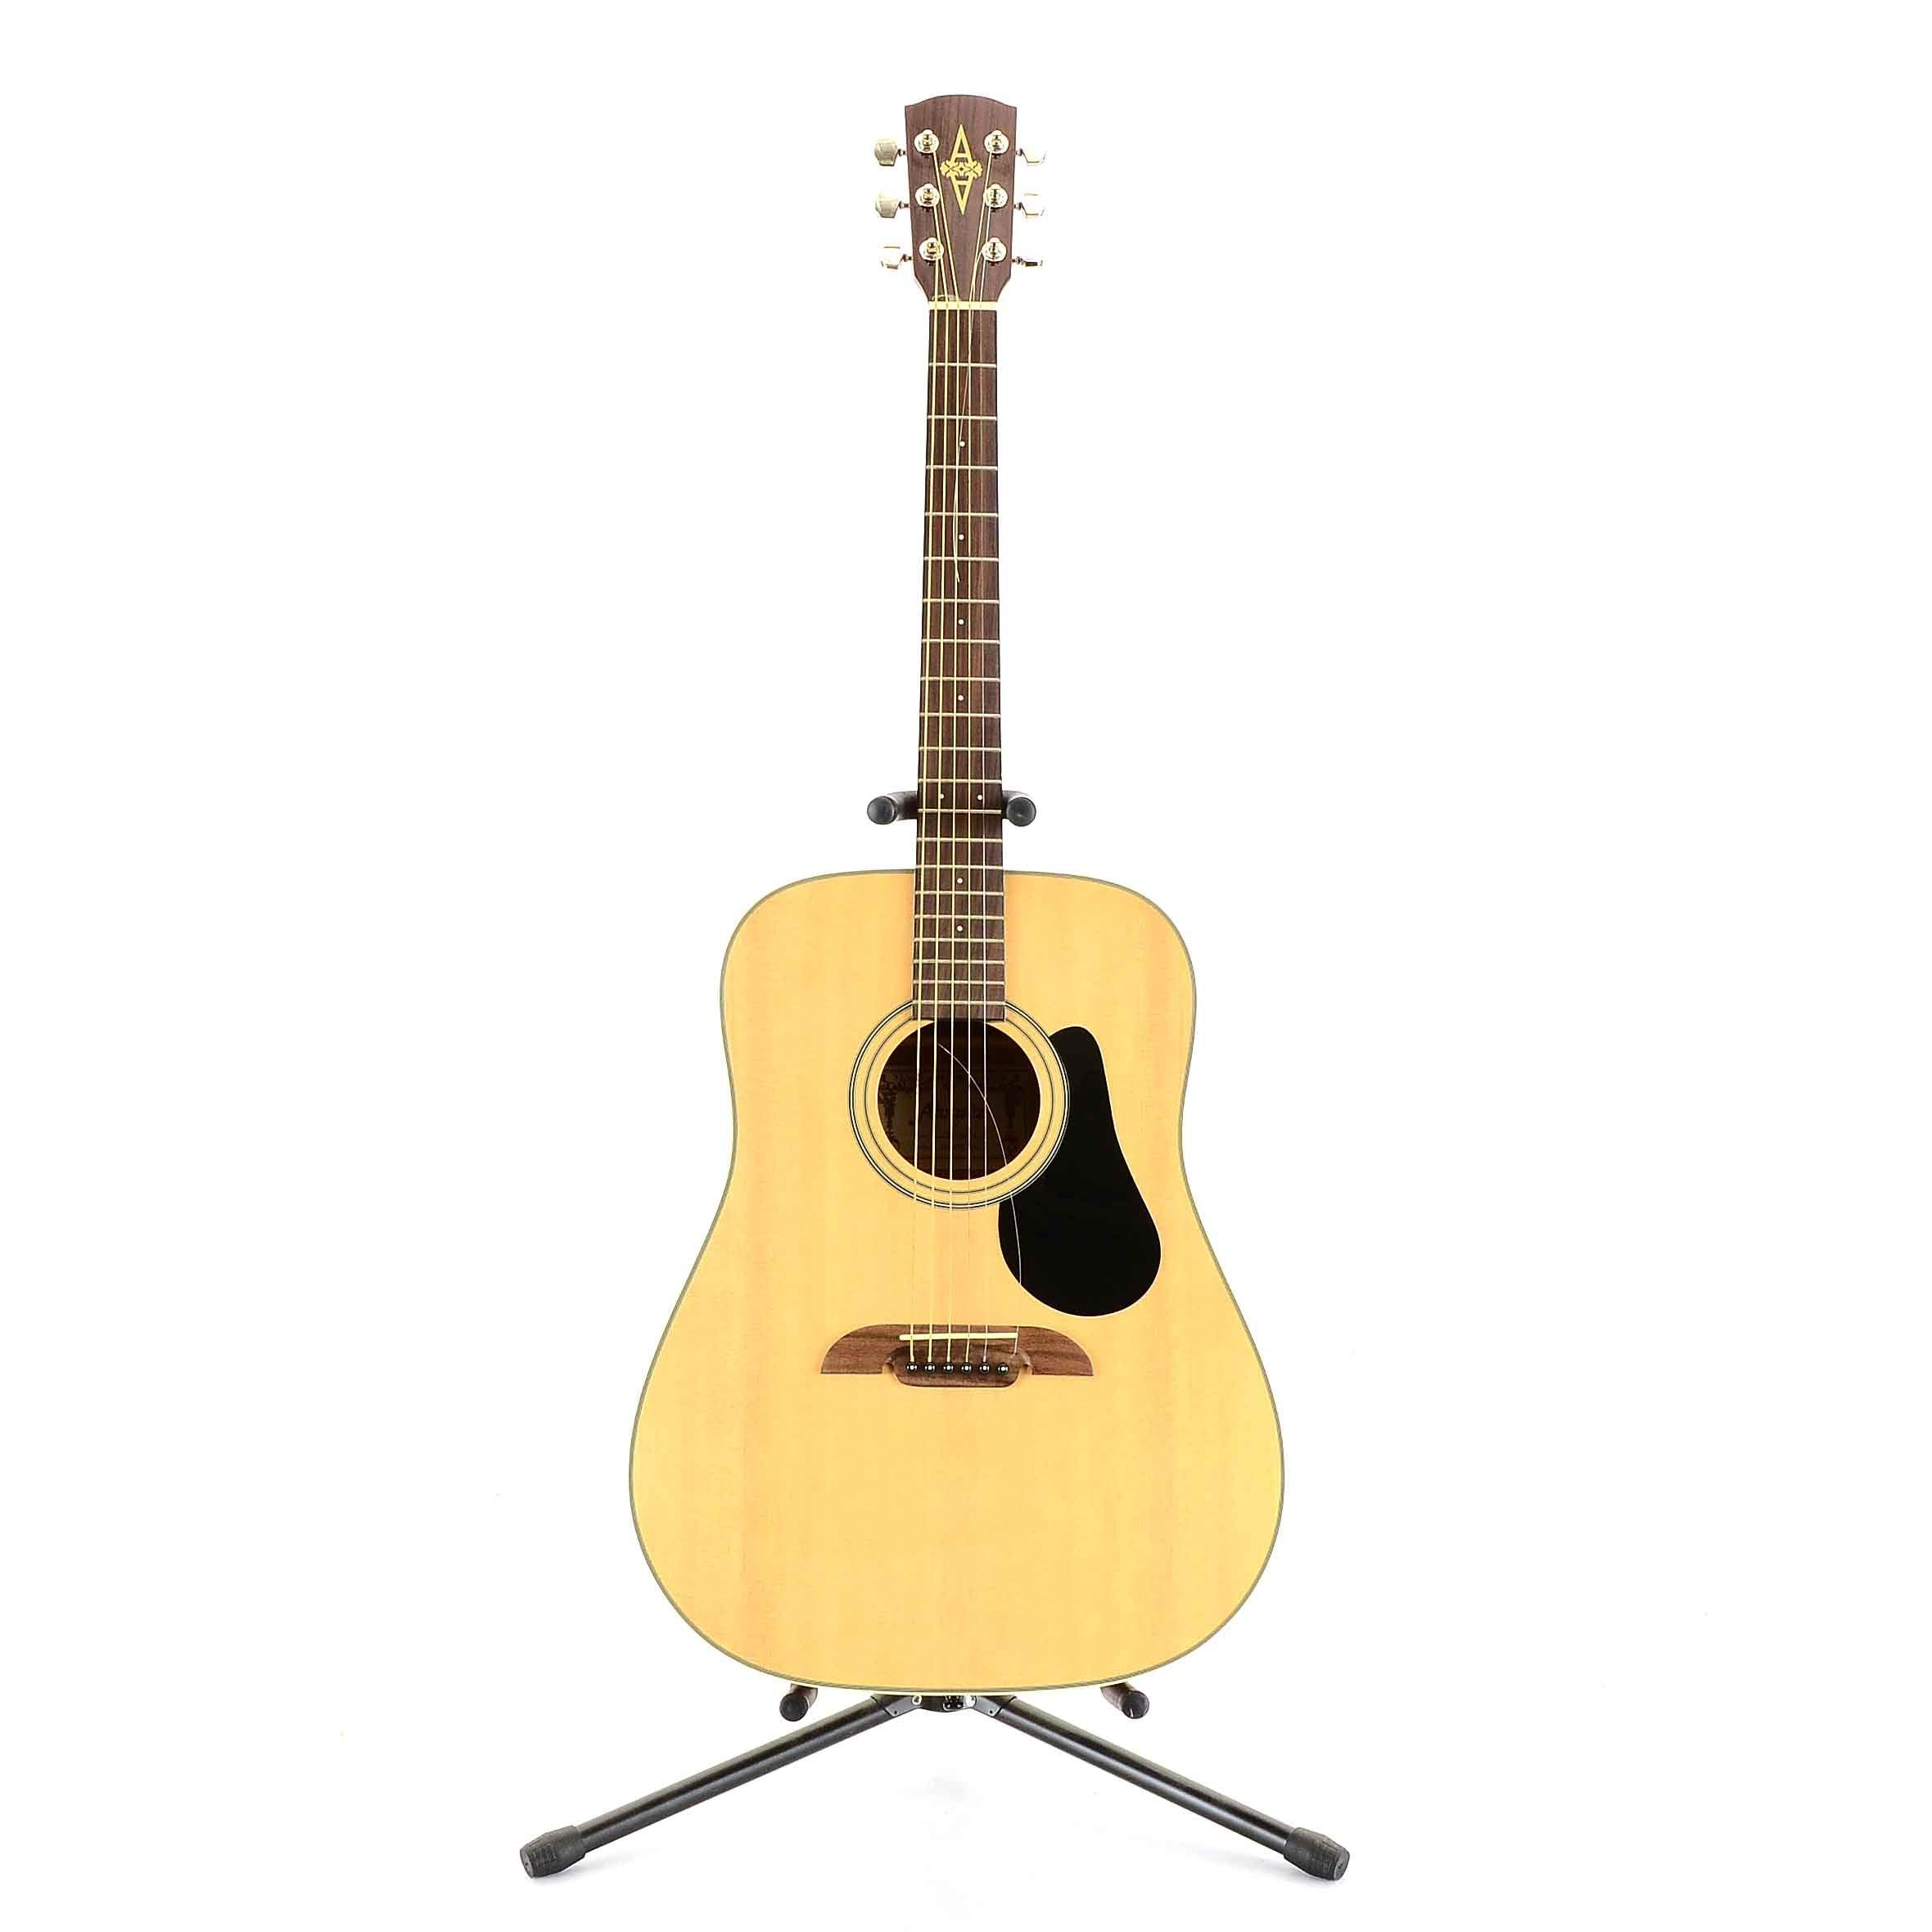 Alvarez RD-9VP Acoustic Guitar with Gig Bag